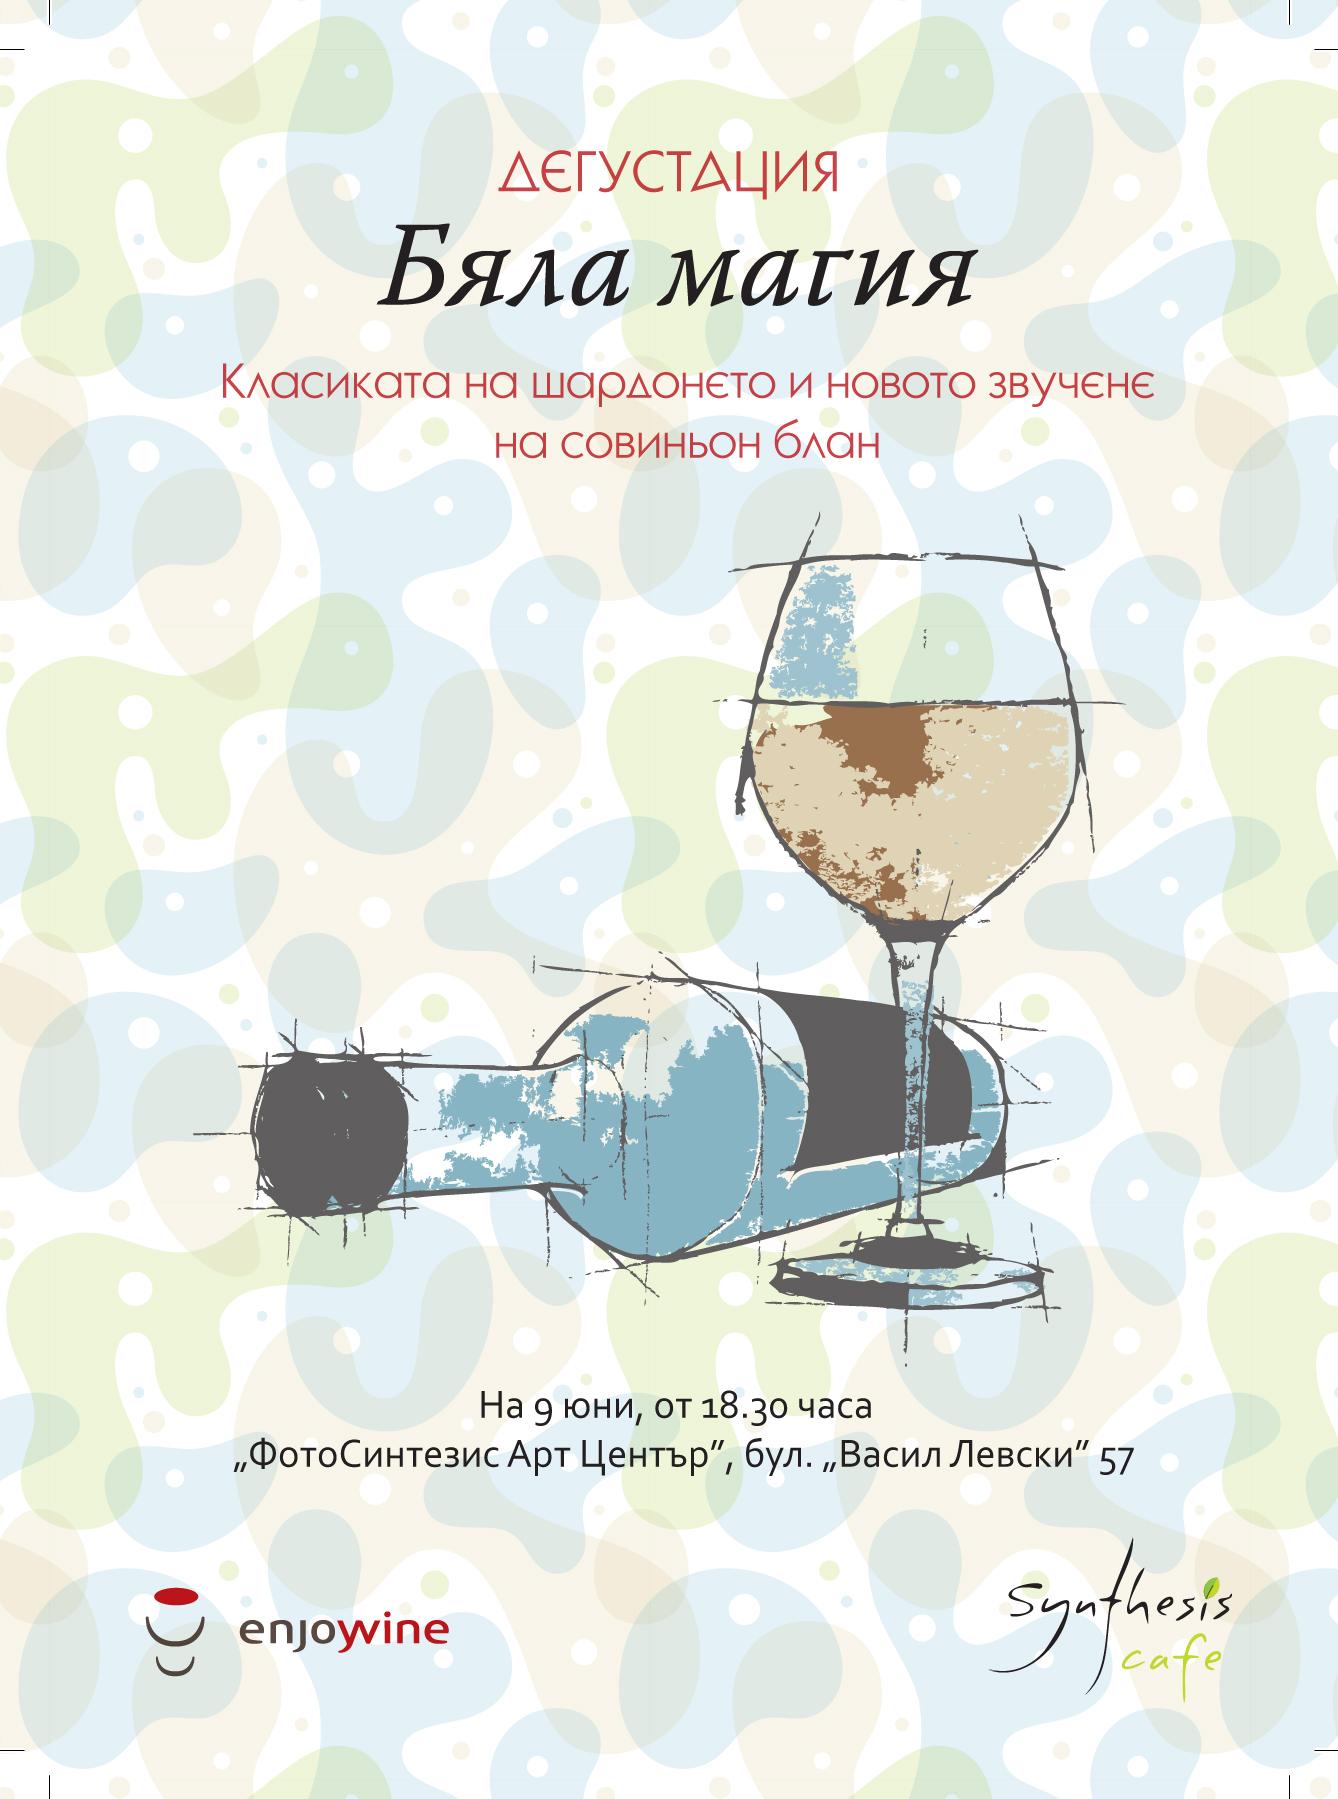 """Дегустация """"Бяла магия"""" 09.06 (Четвъртък) 2016"""